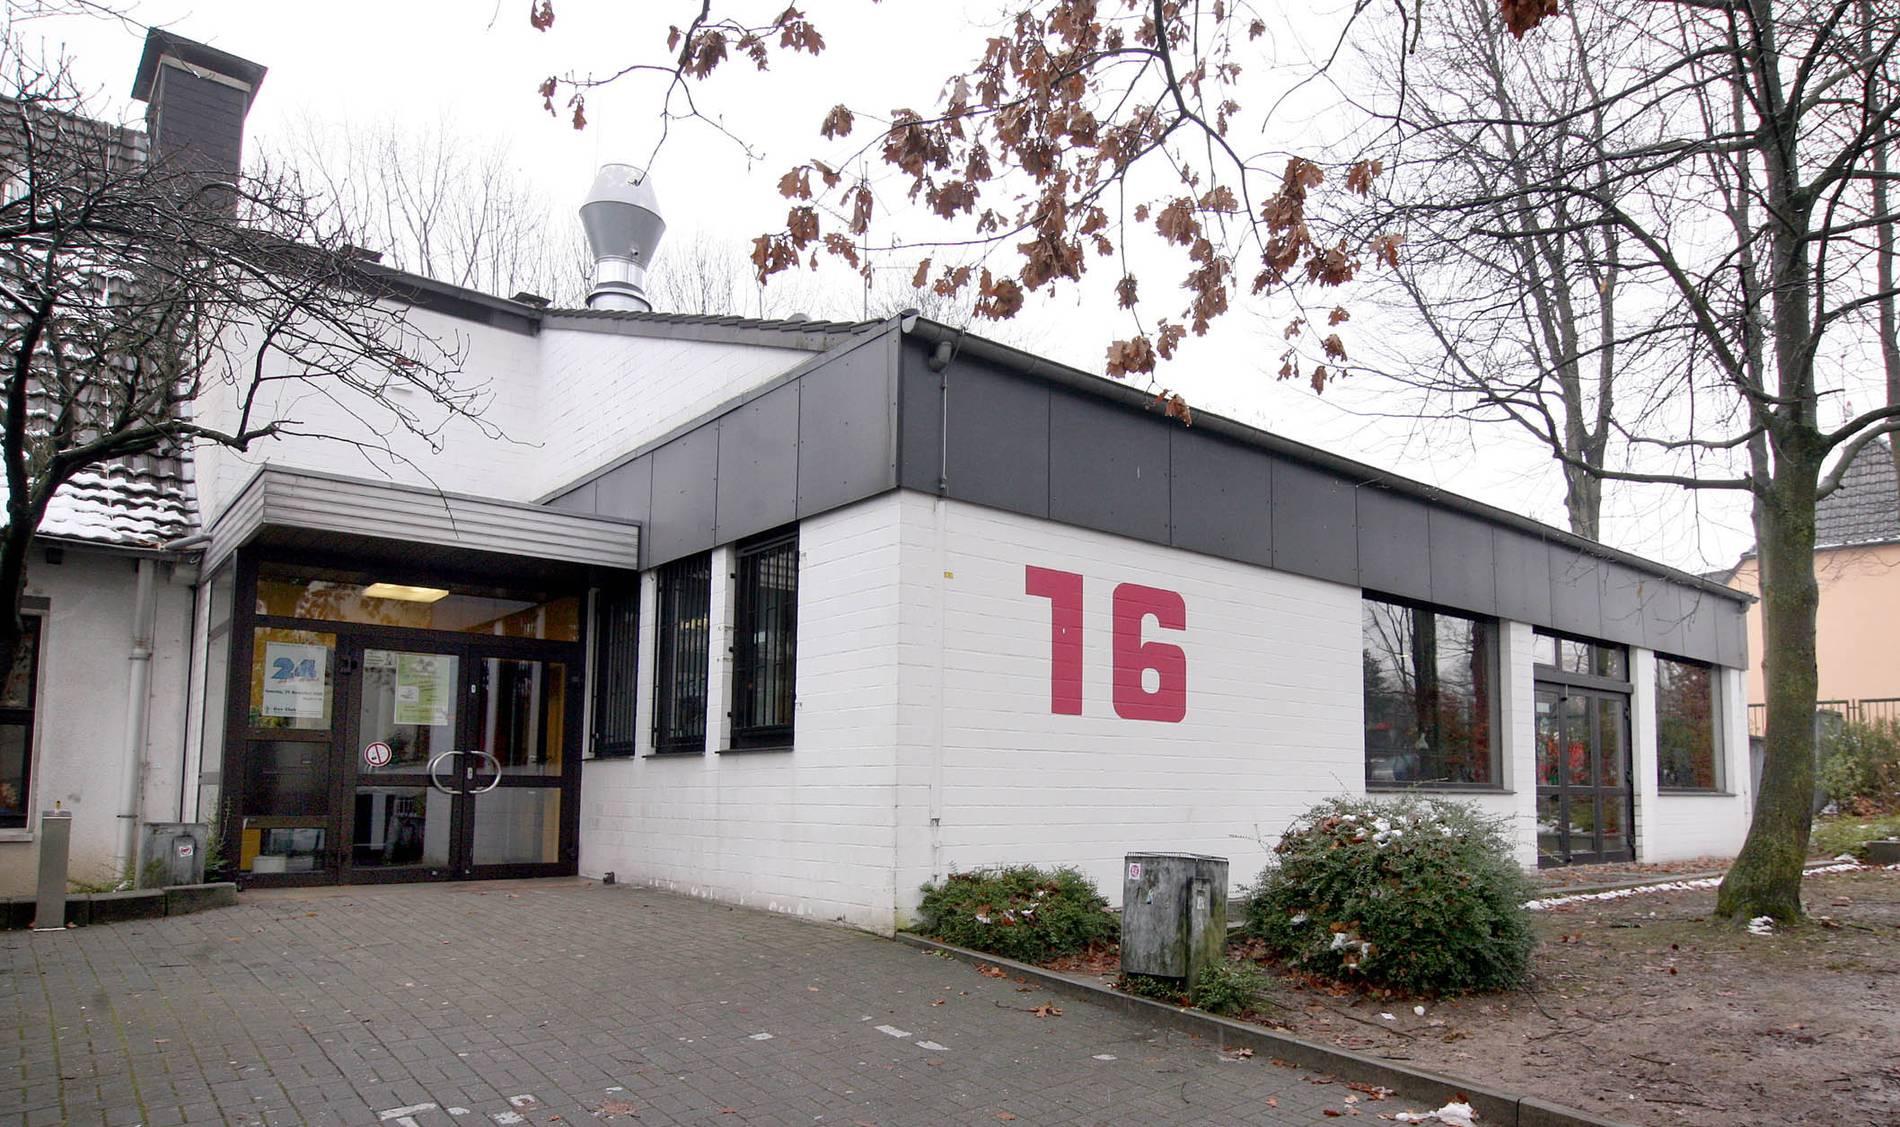 Kino Hamburg Kinder